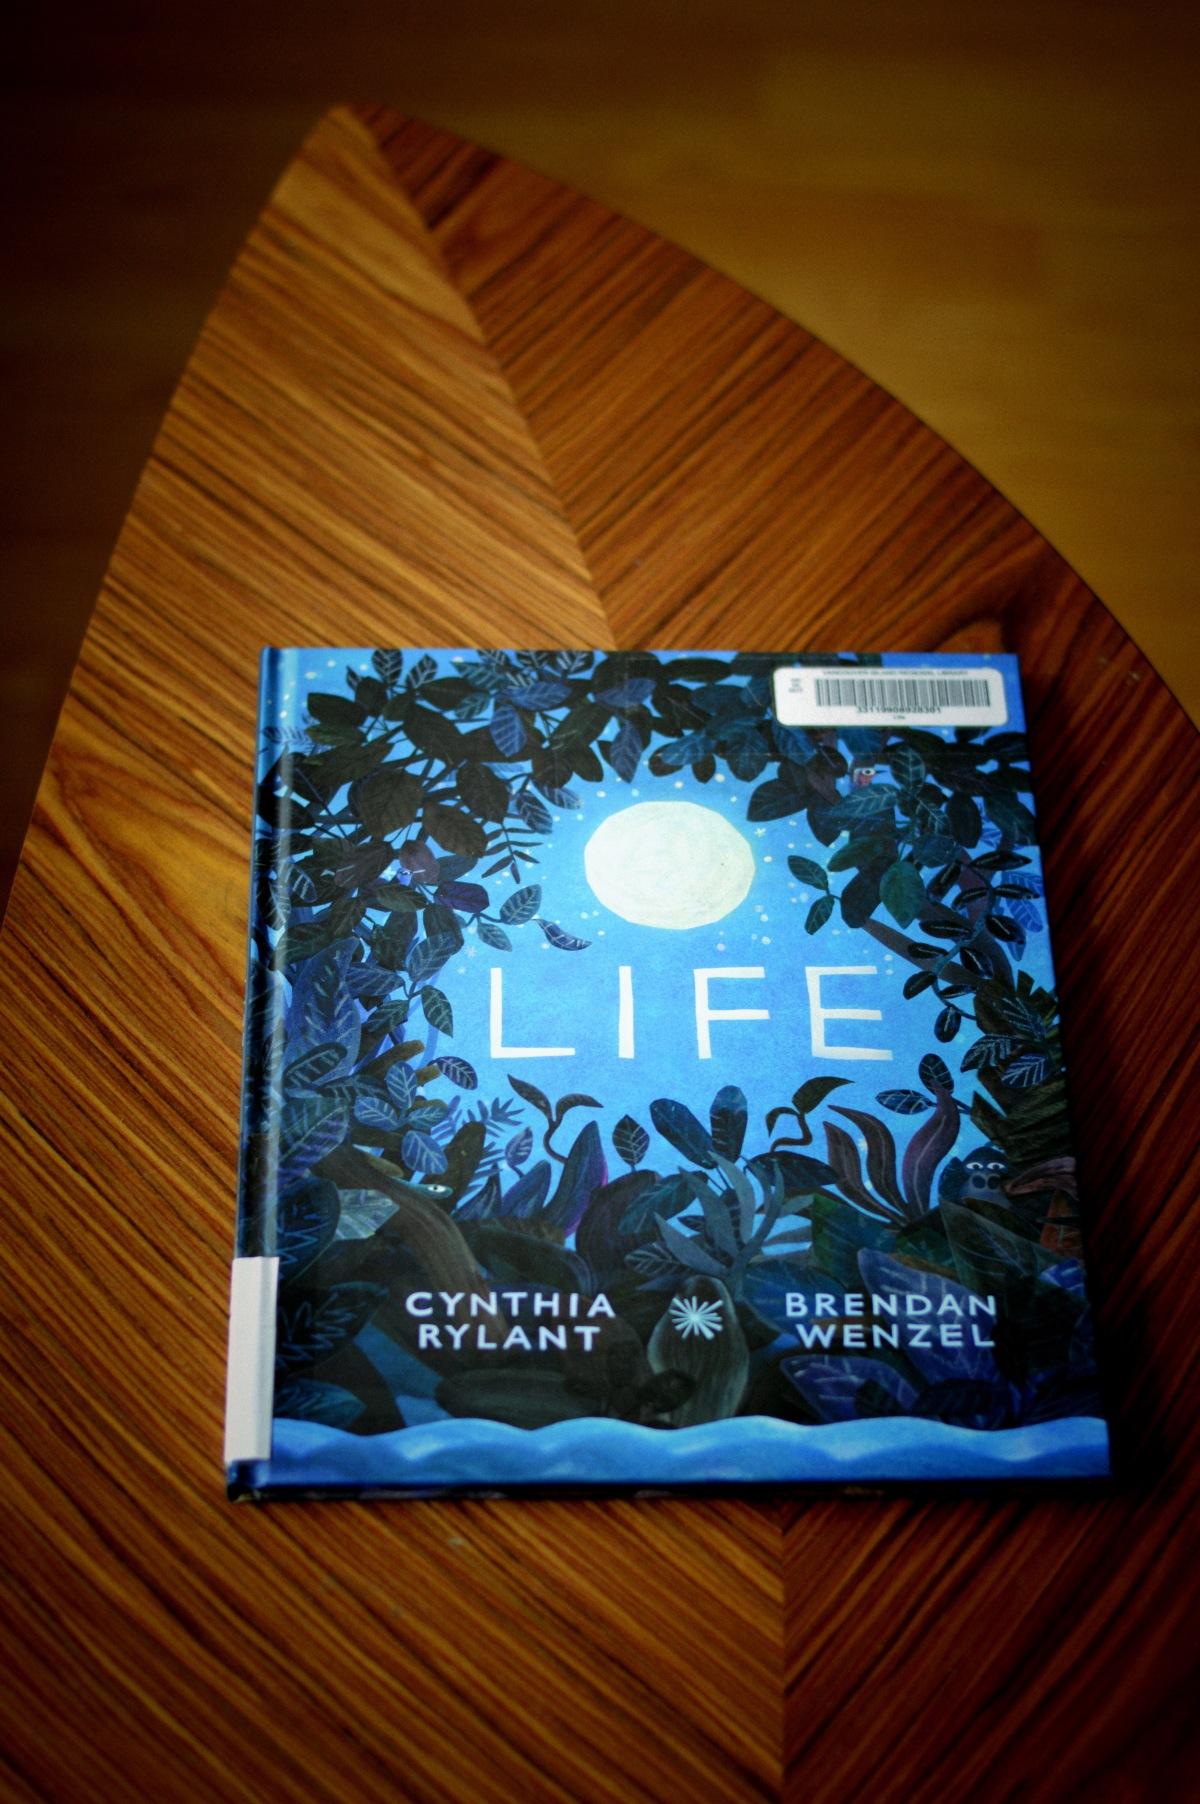 Sunday Book Club: Life by CynthiaRylant